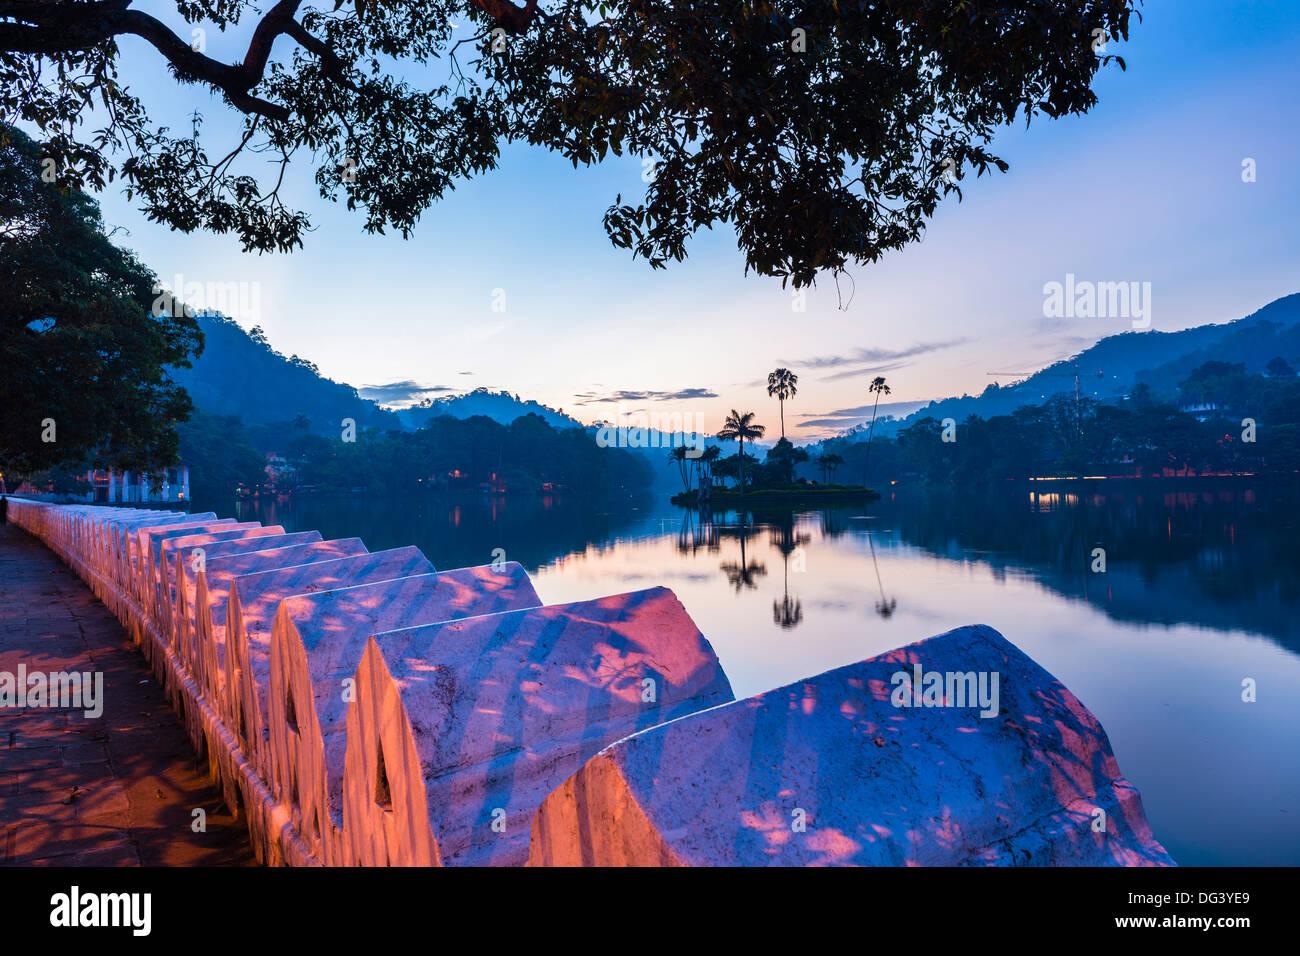 Kandy-See und die Insel beherbergt das Königshaus Sommer bei Dämmerung, Kandy, Central Province, Sri Lanka, Asien Stockfoto